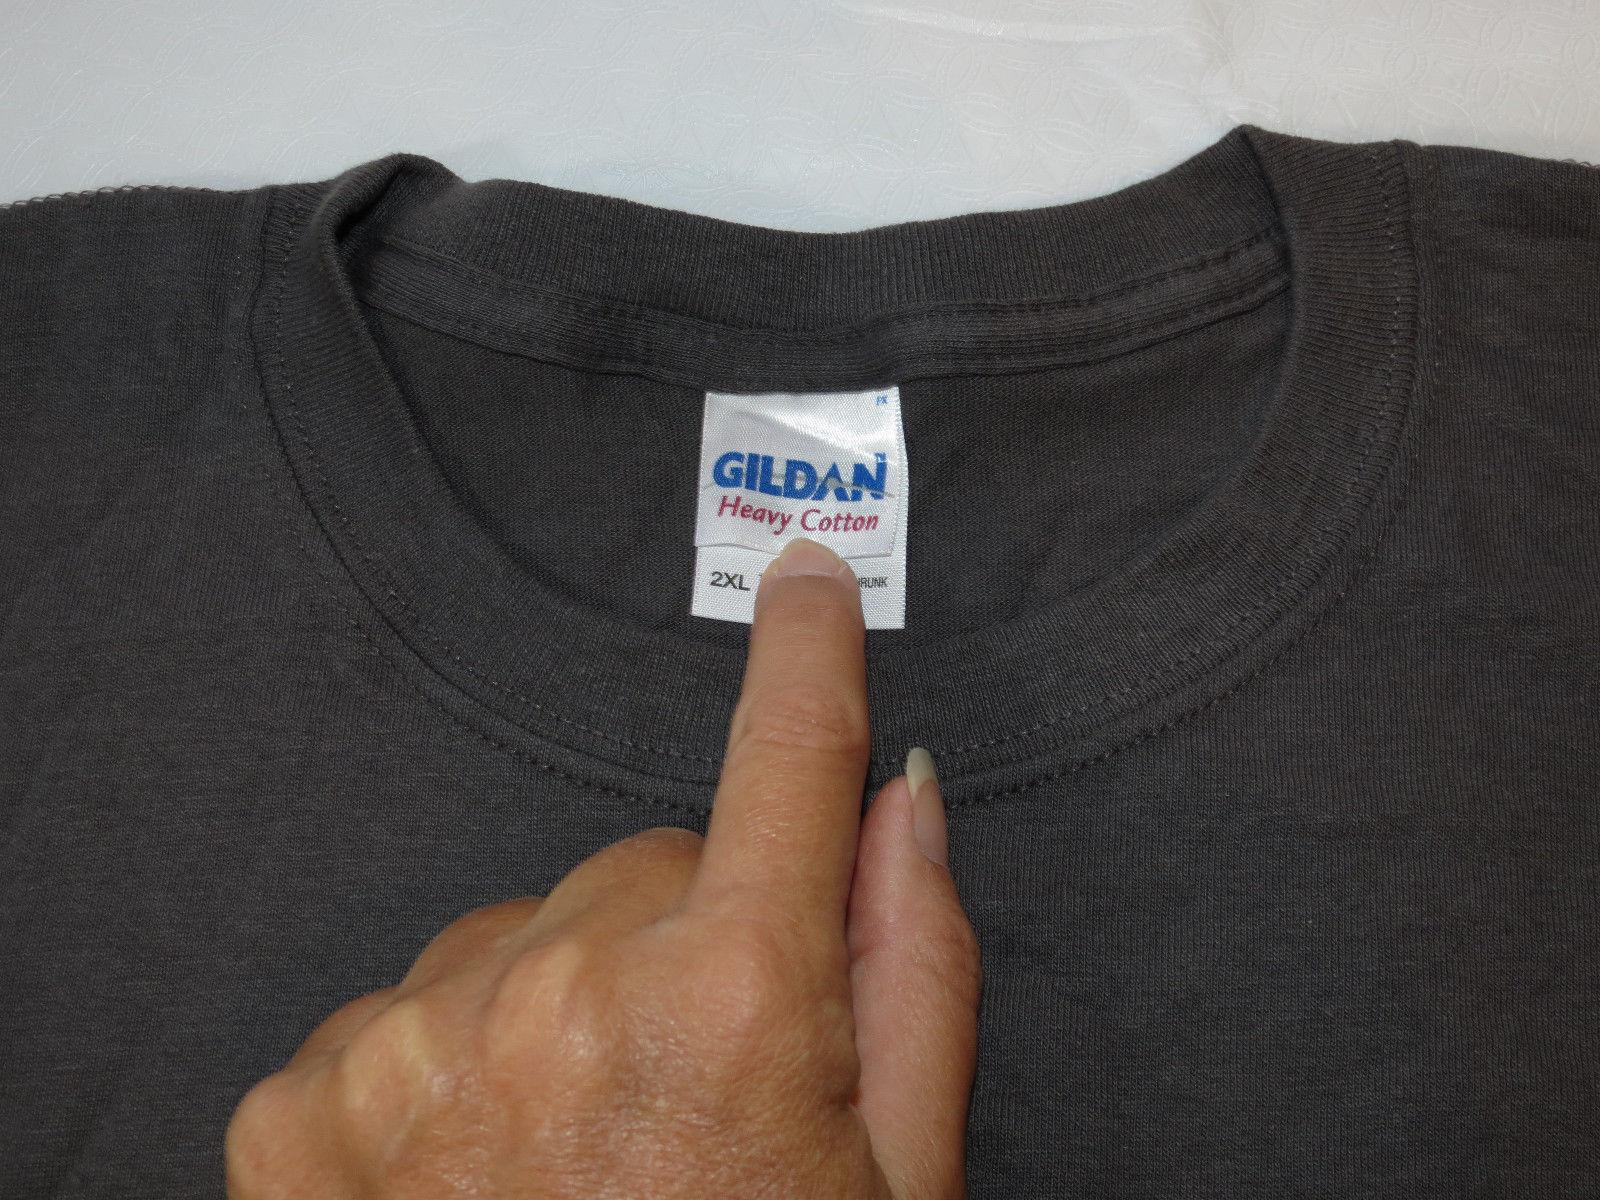 Gildan Heavy Cotton adult 2XL xxlarge mens short sleeve shirt charcoal grey NOS